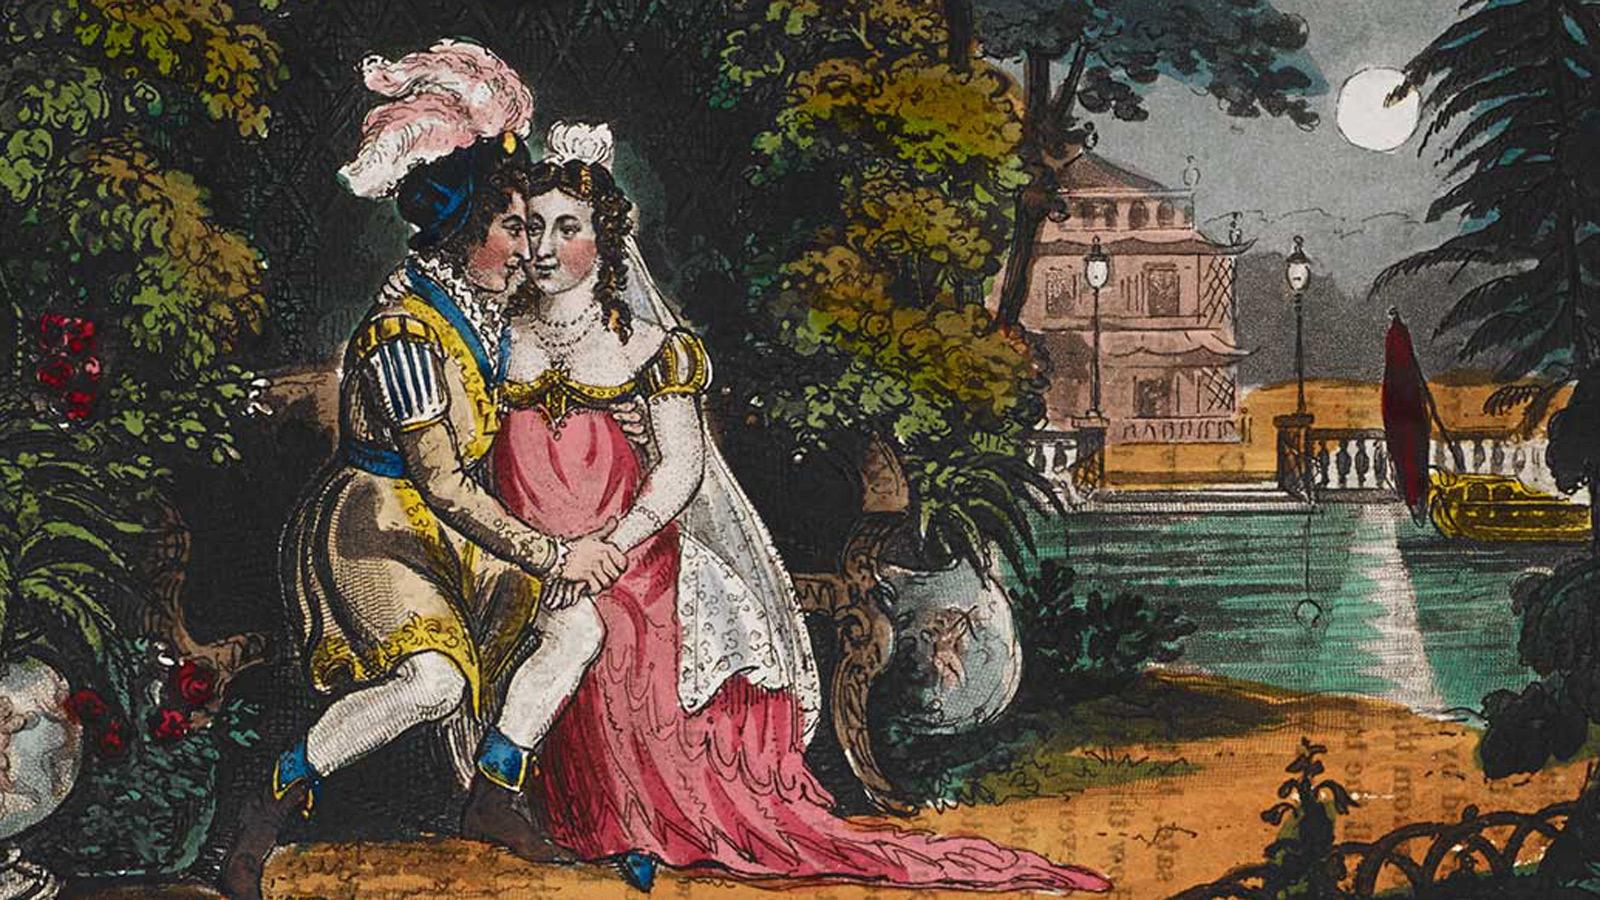 An introduction to Don Juan